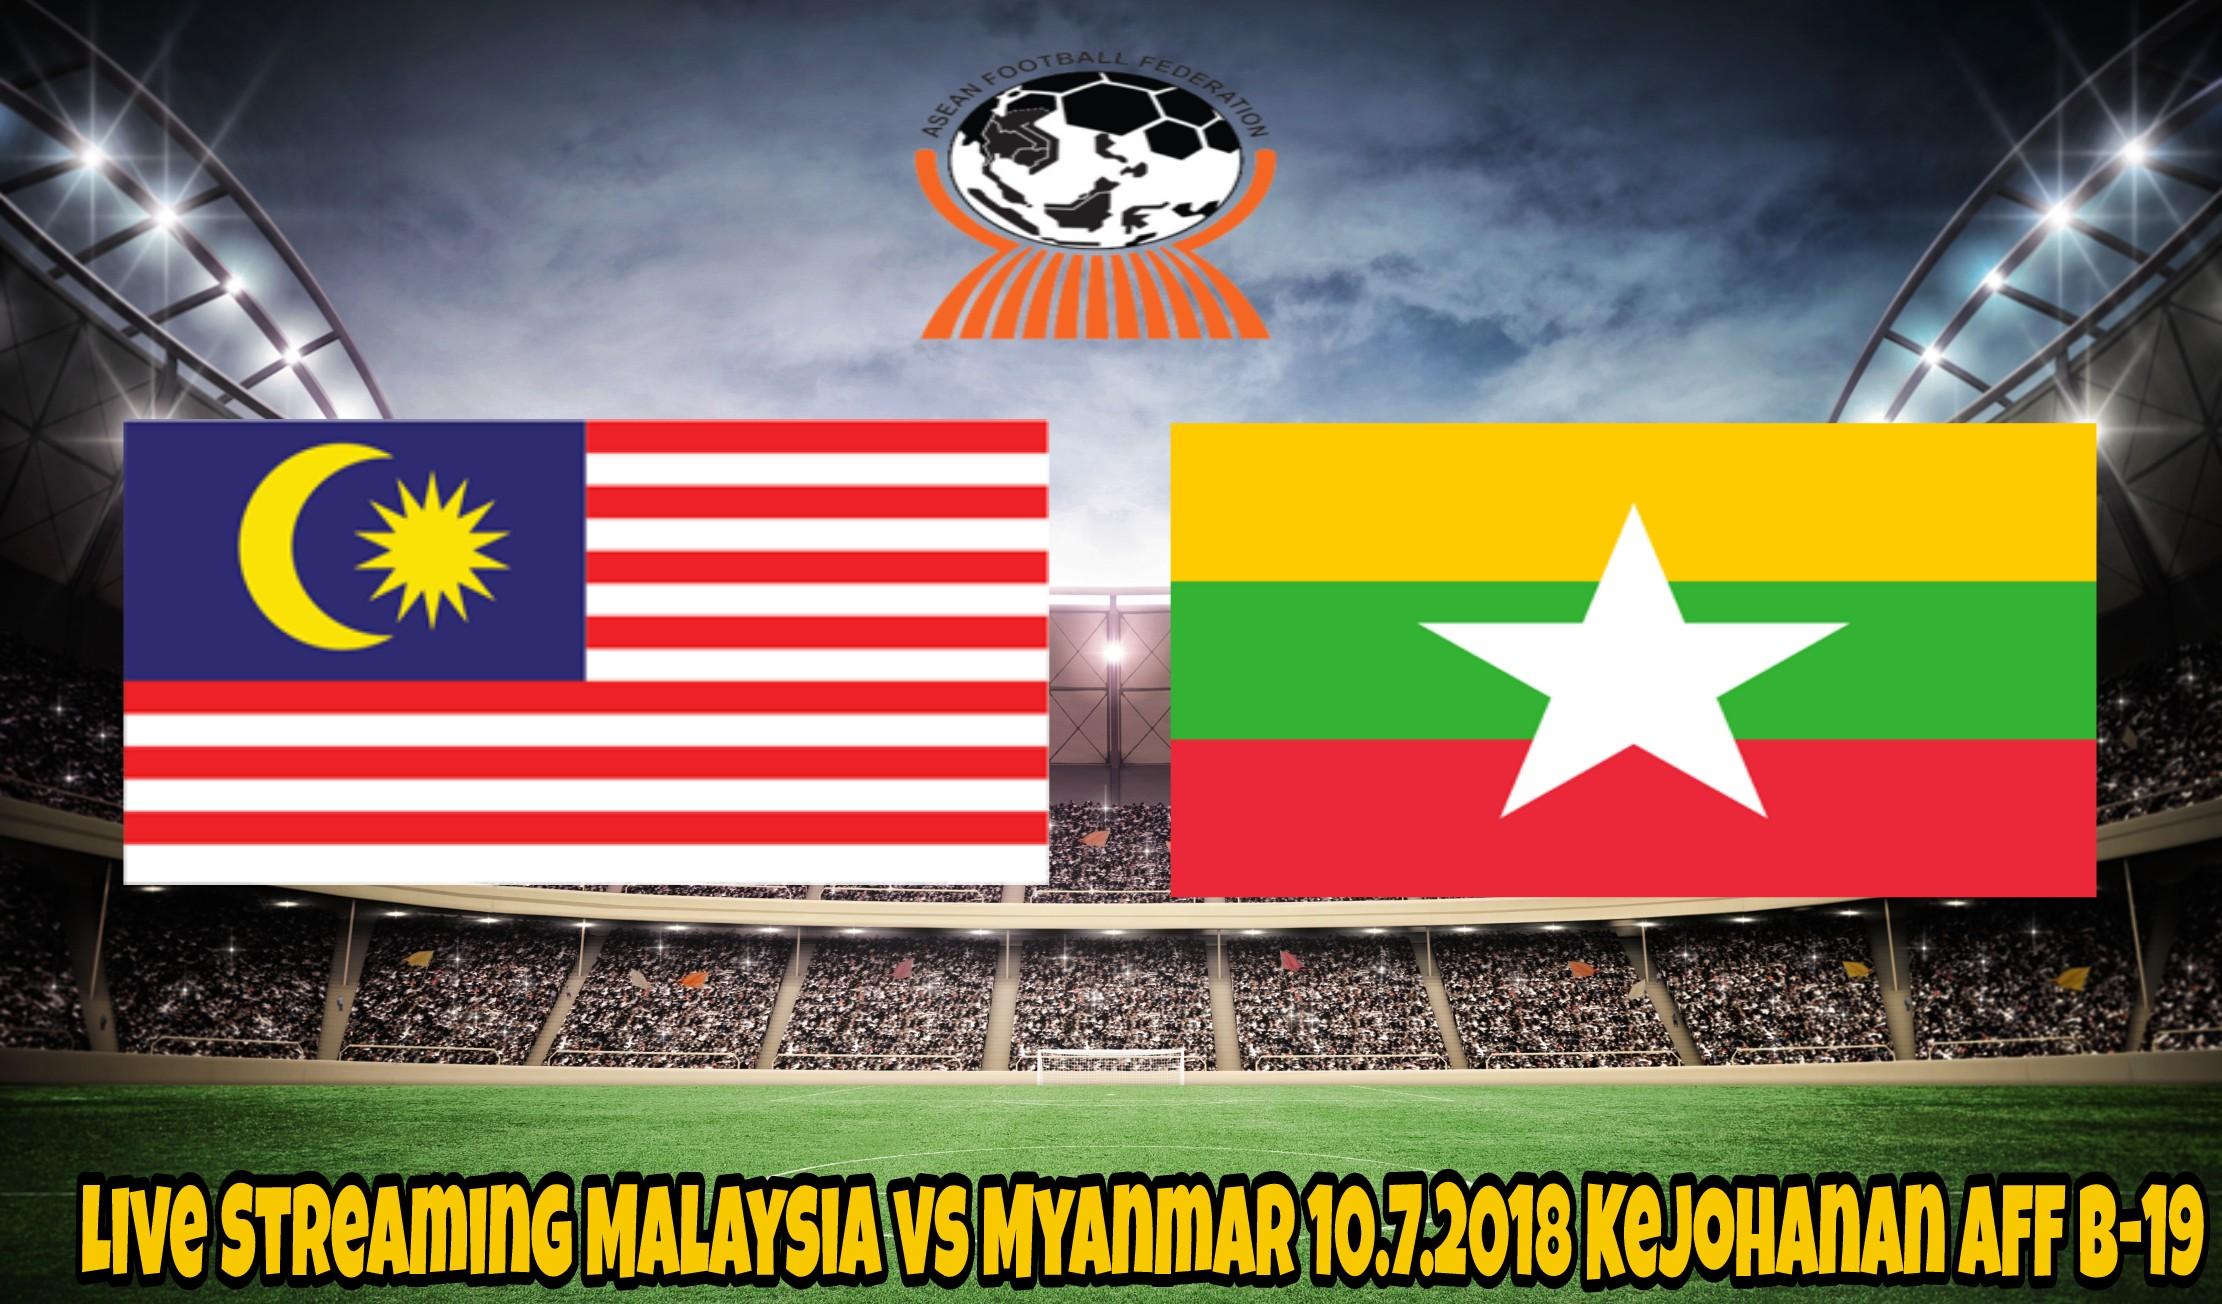 Live Streaming Malaysia vs Myanmar 10.7.2018 Kejohanan AFF B-19